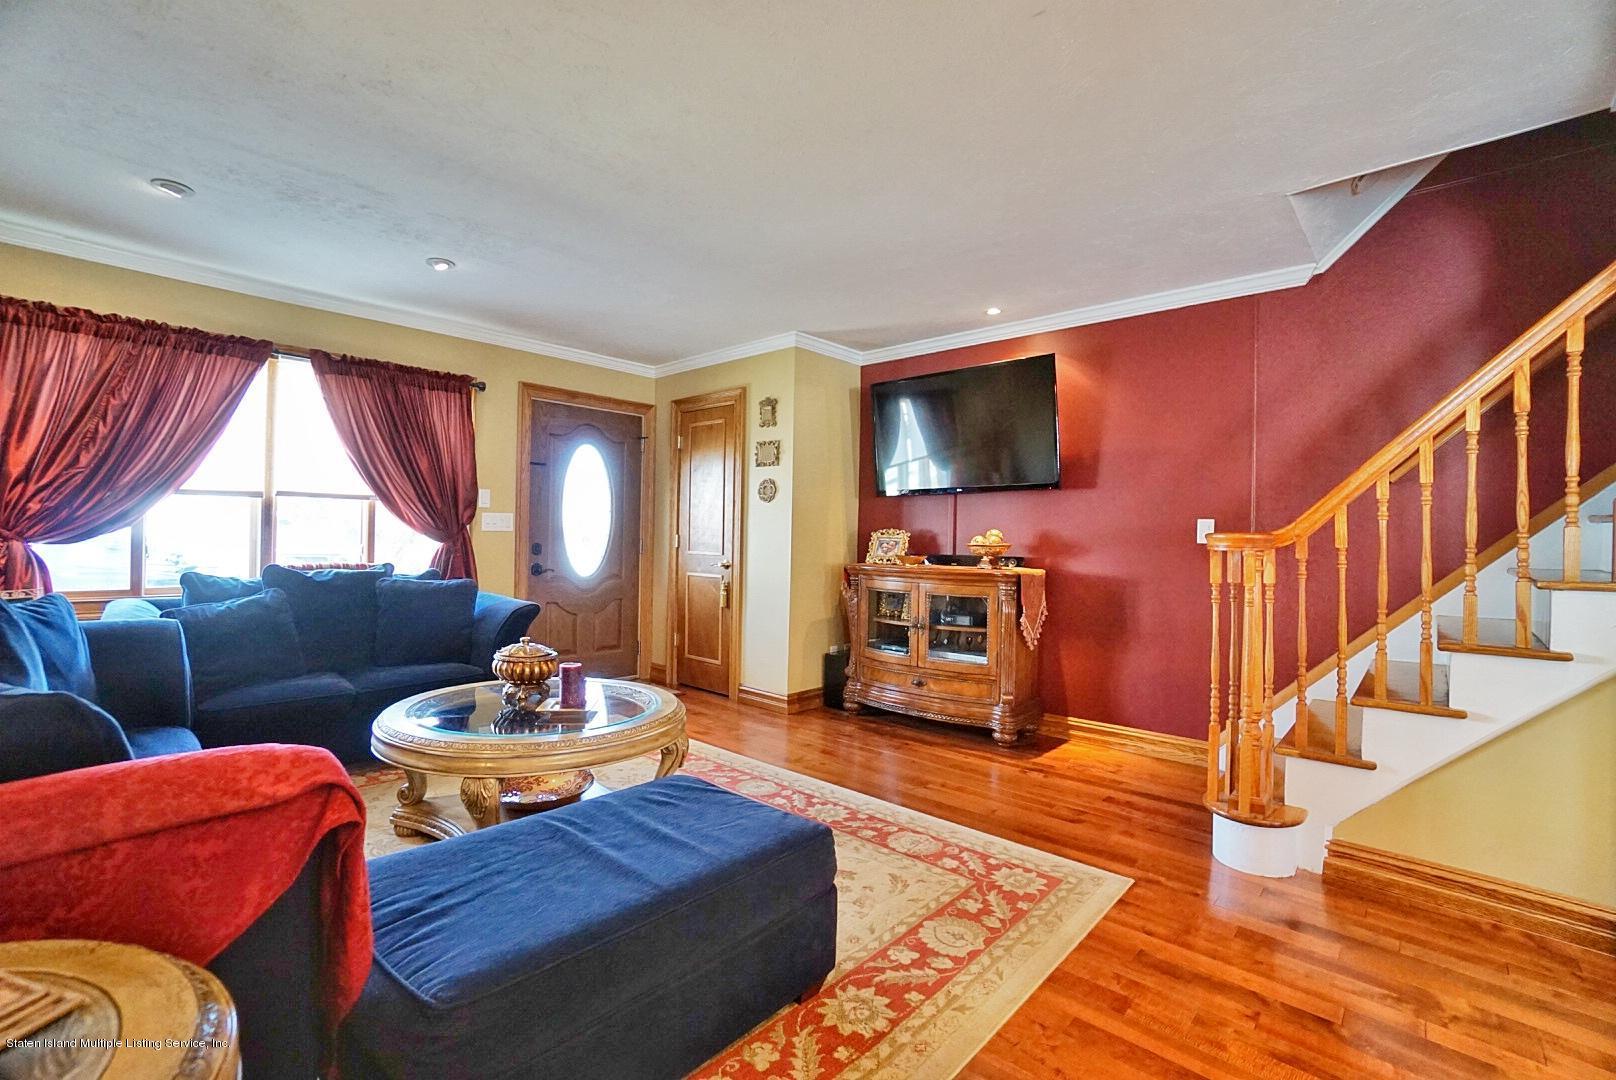 Single Family - Semi-Attached 366 Fairbanks Avenue  Staten Island, NY 10306, MLS-1127458-8